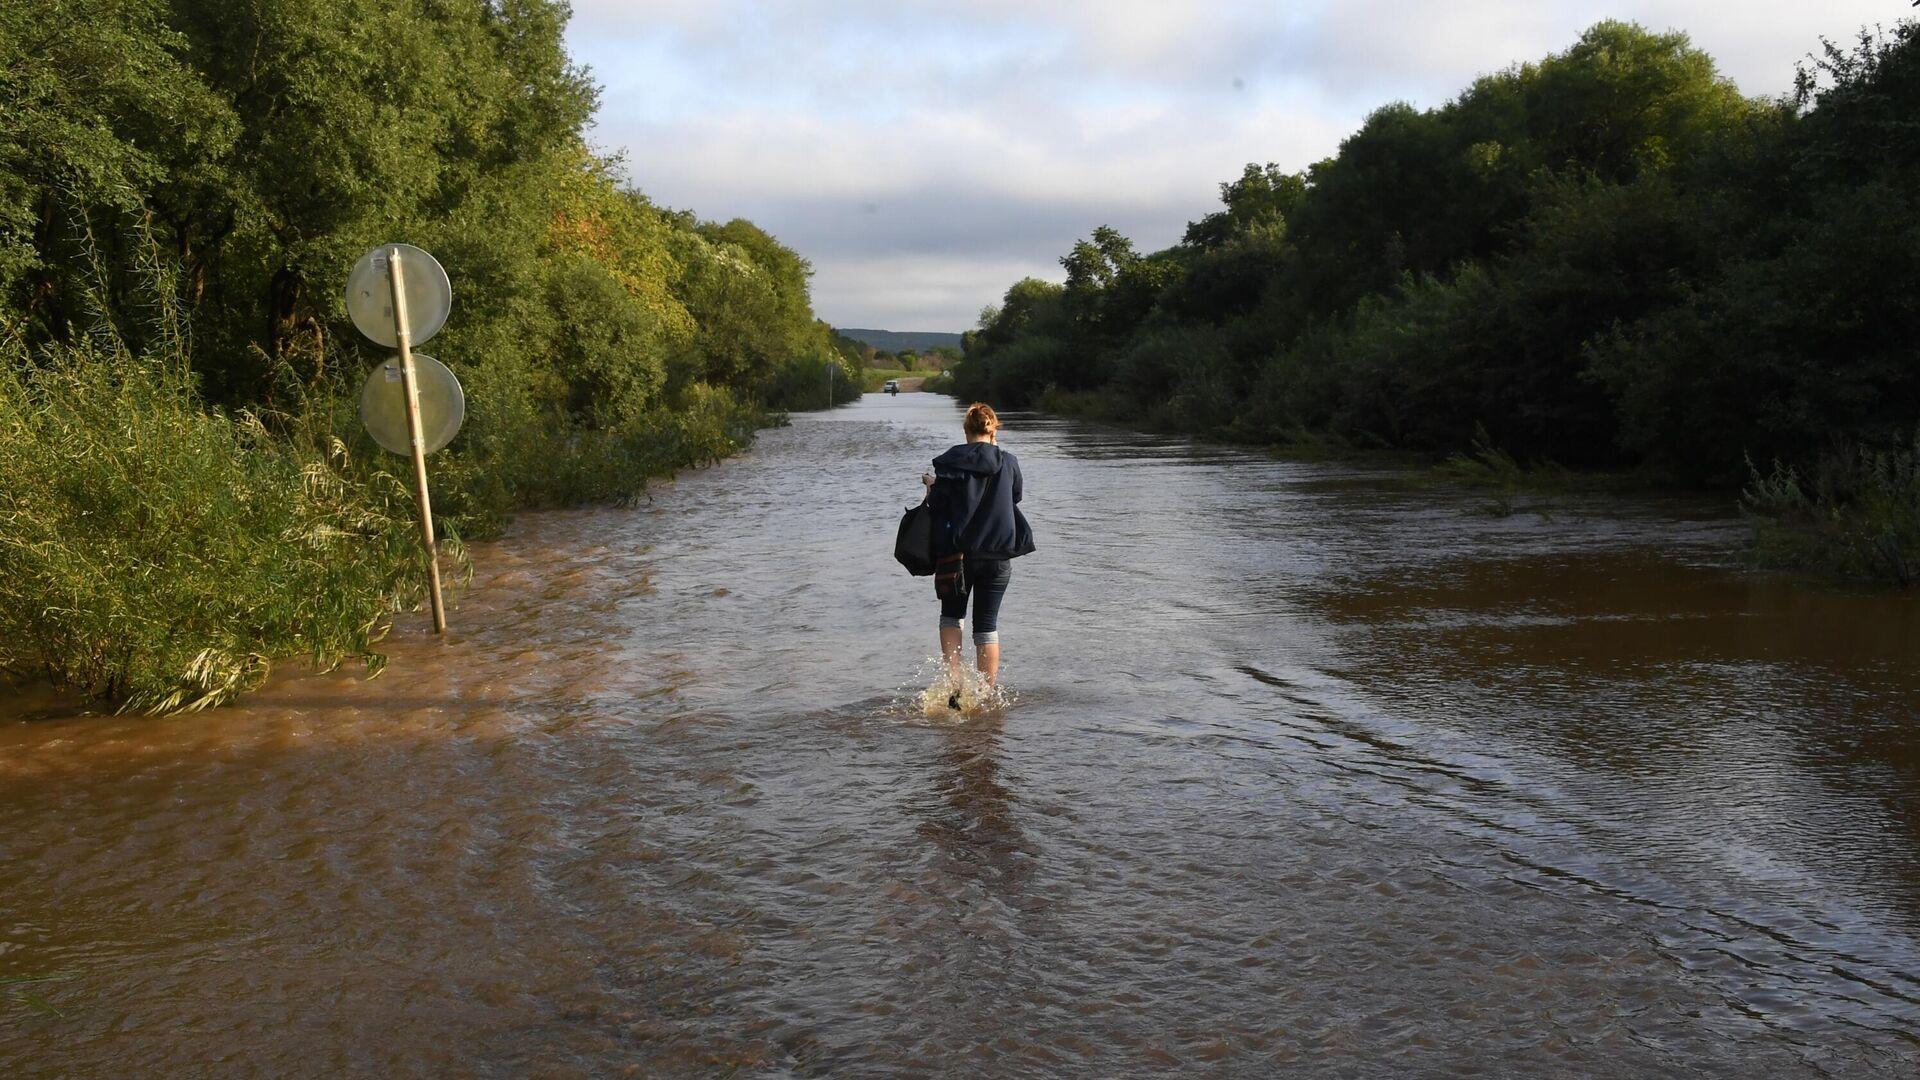 Женщина идет по затопленной паводком дороге в районе Уссурийска - РИА Новости, 1920, 11.08.2020